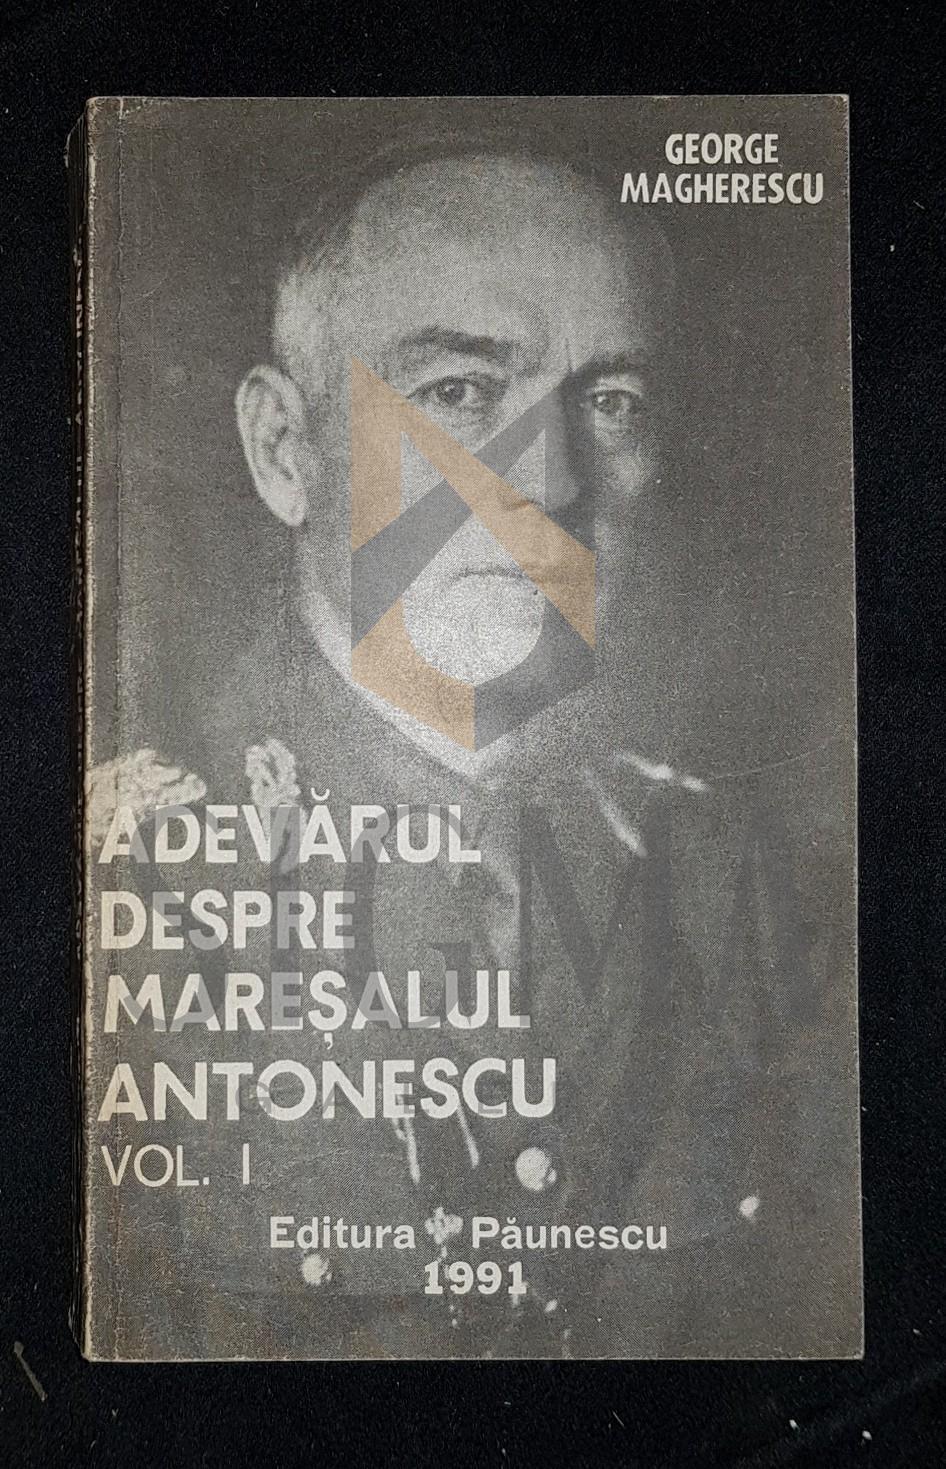 GEORGE MAGHERESCU